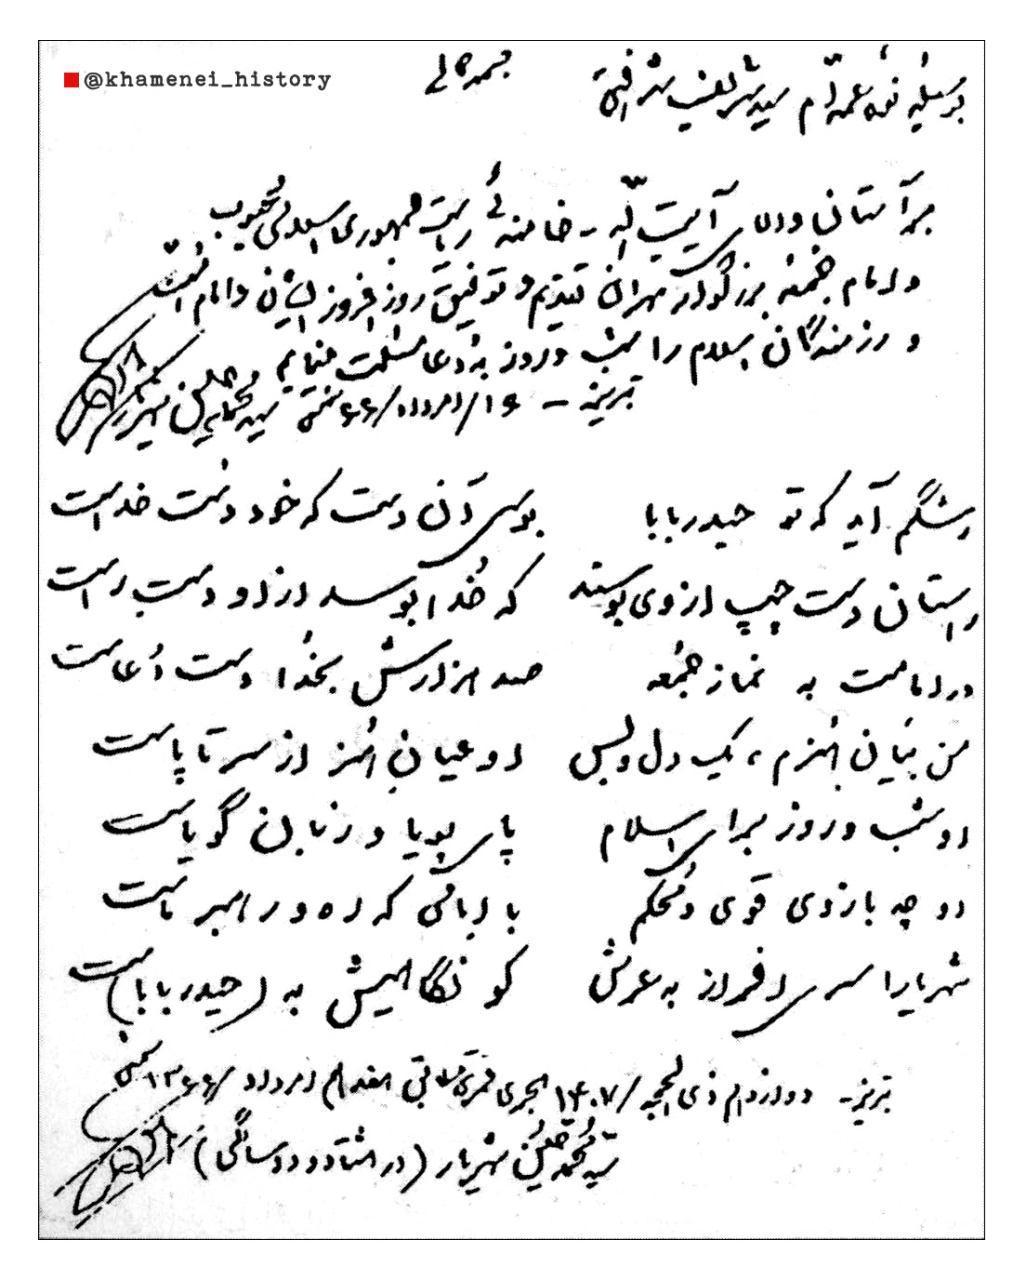 شعر تقدیمی شهریار به رهبری در سال ۱۳۶۶ با دستخط شهریار